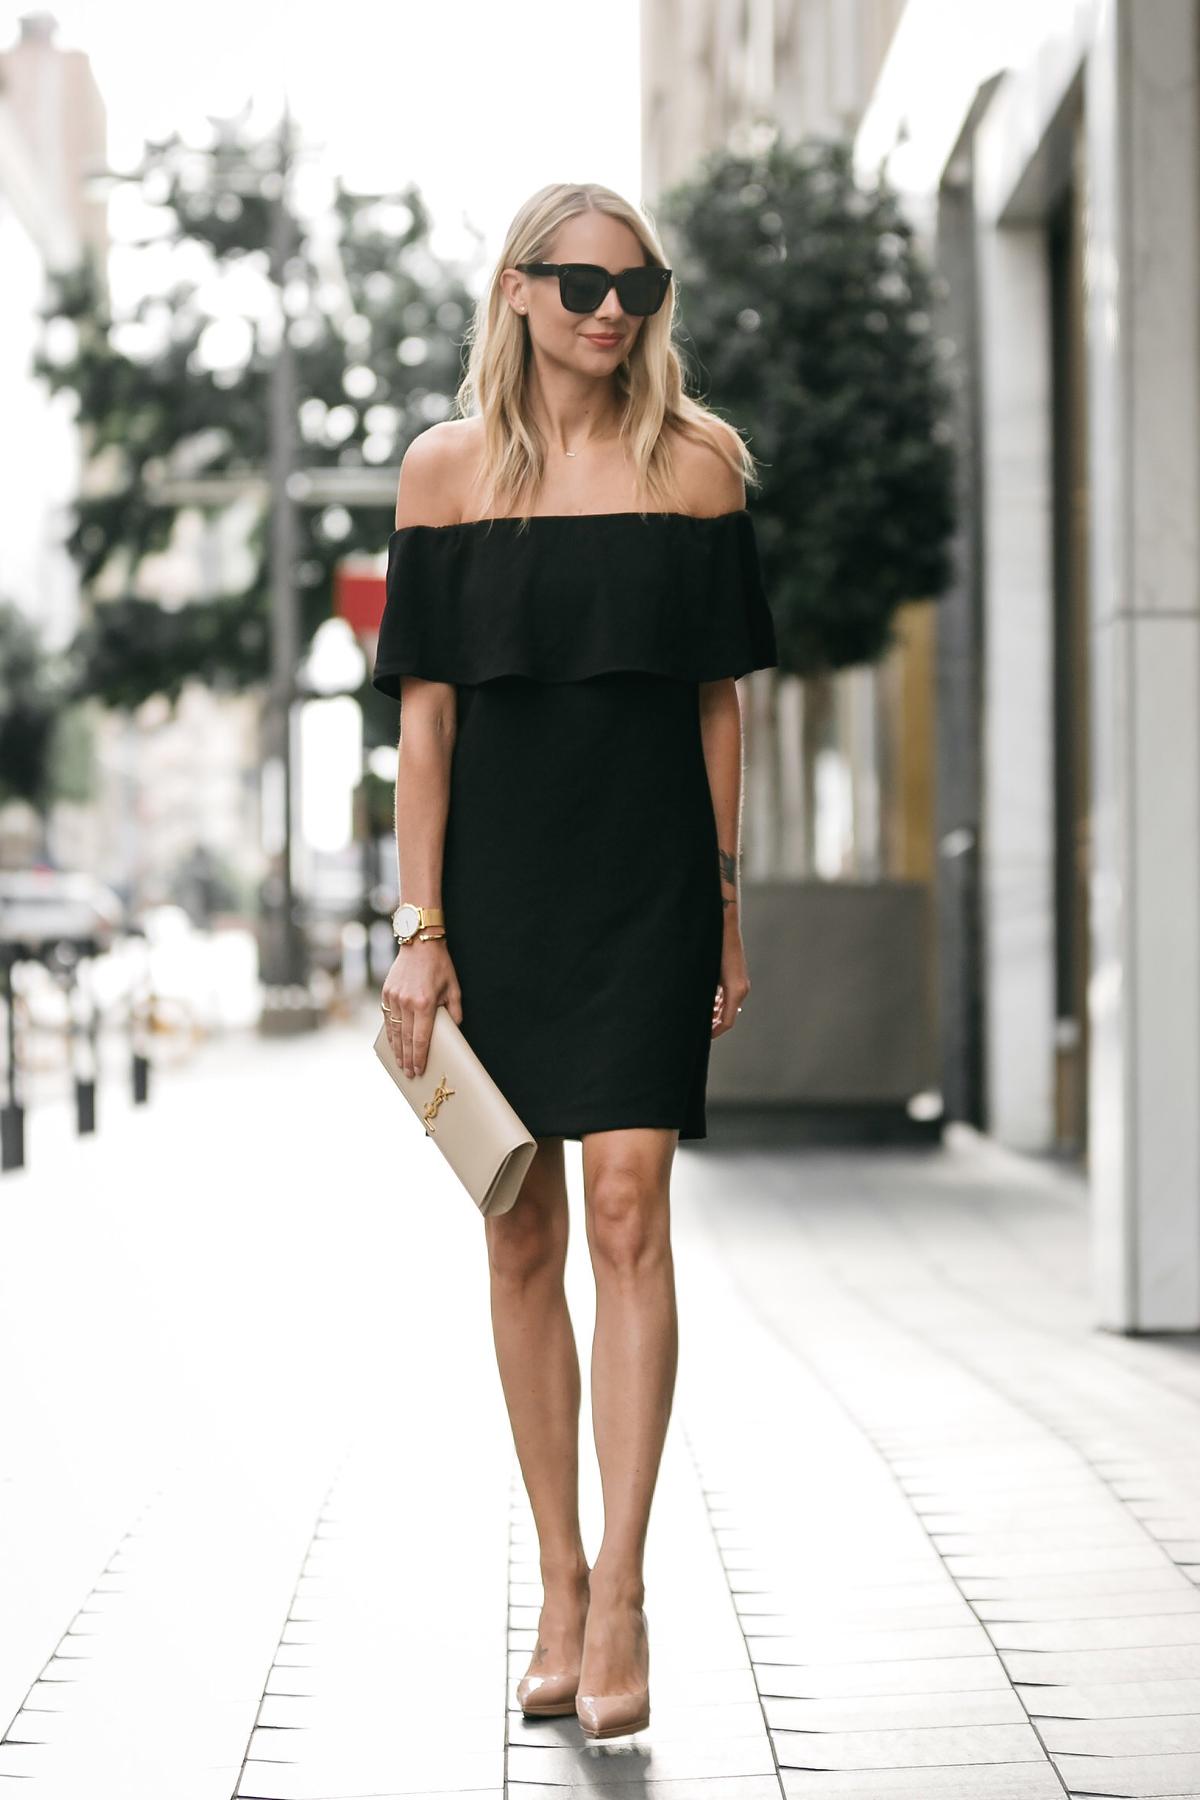 Under 100 Off The Shoulder Black Dress  Fashion Jackson-9375